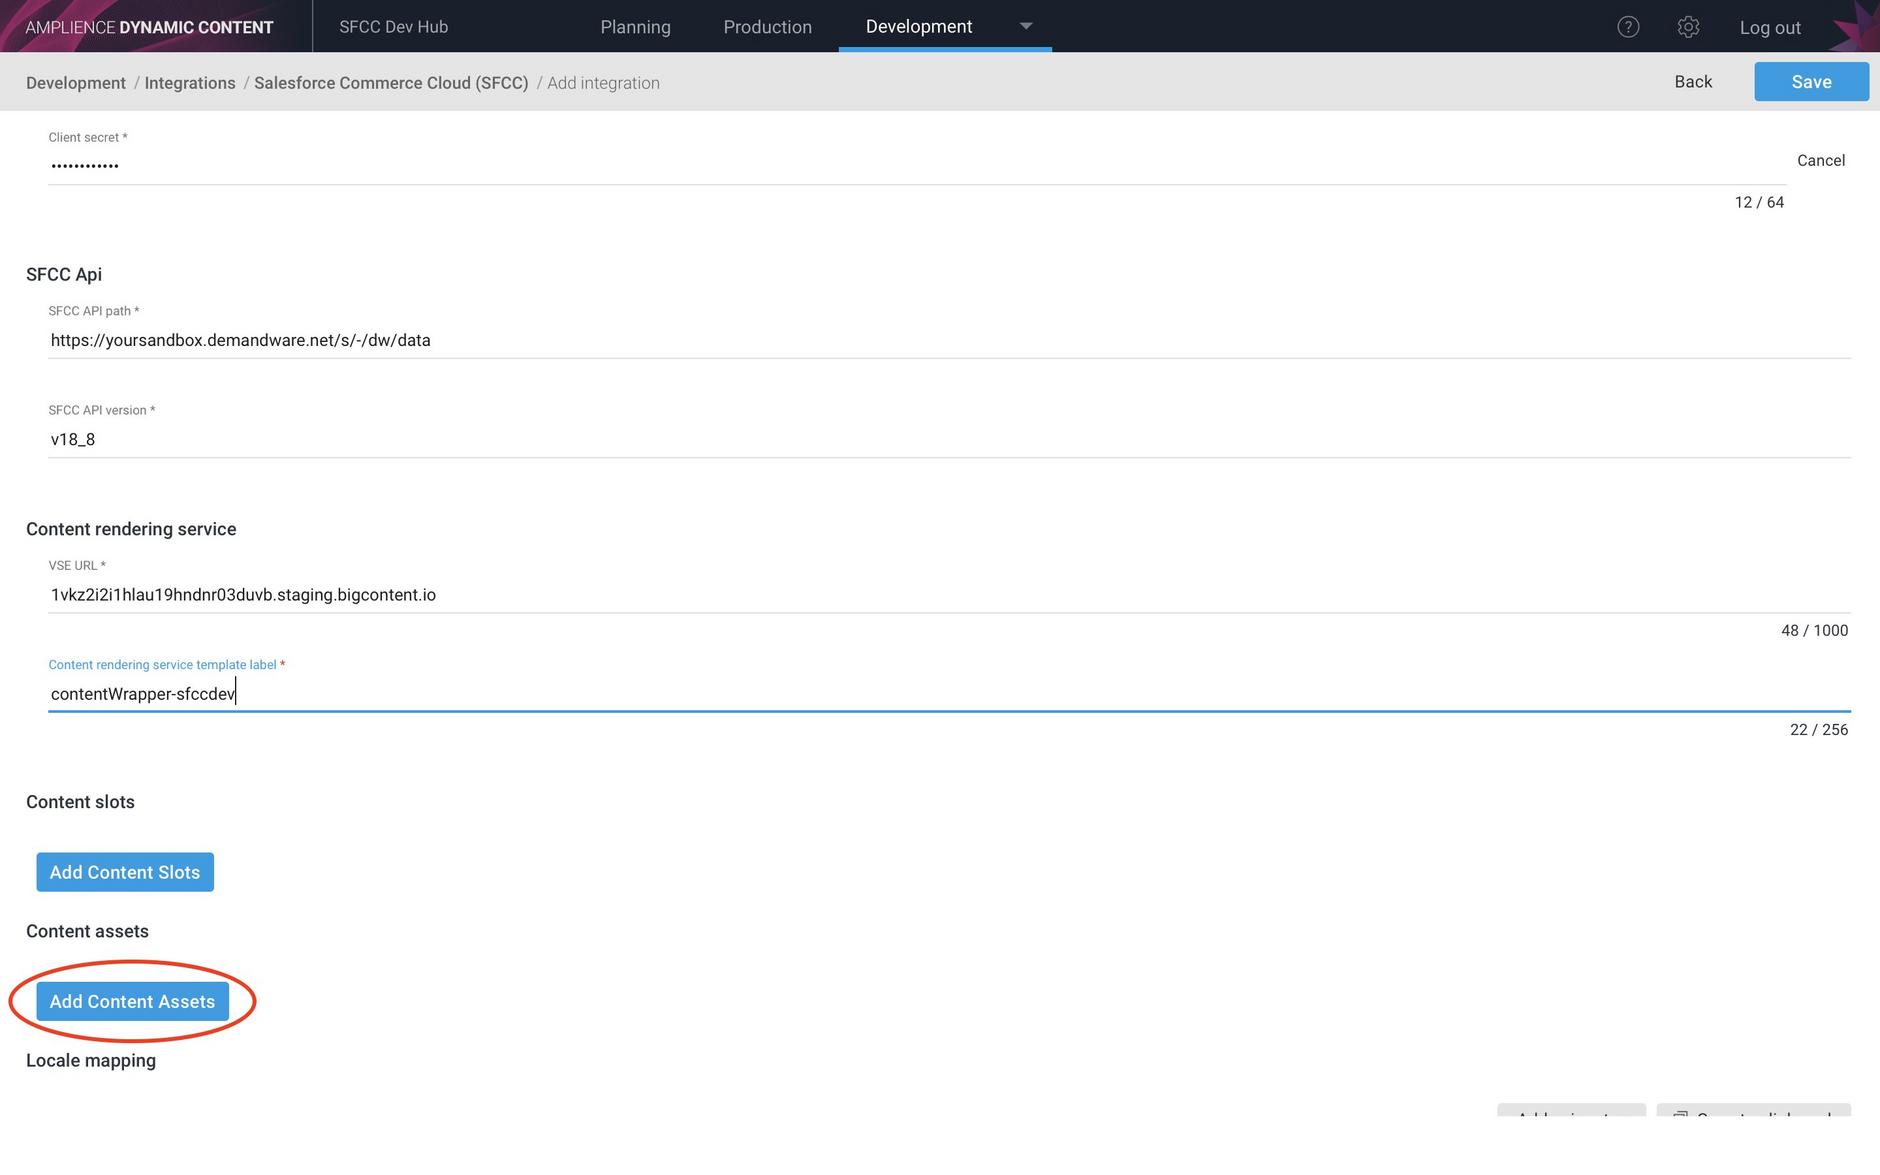 Adding a content asset integration